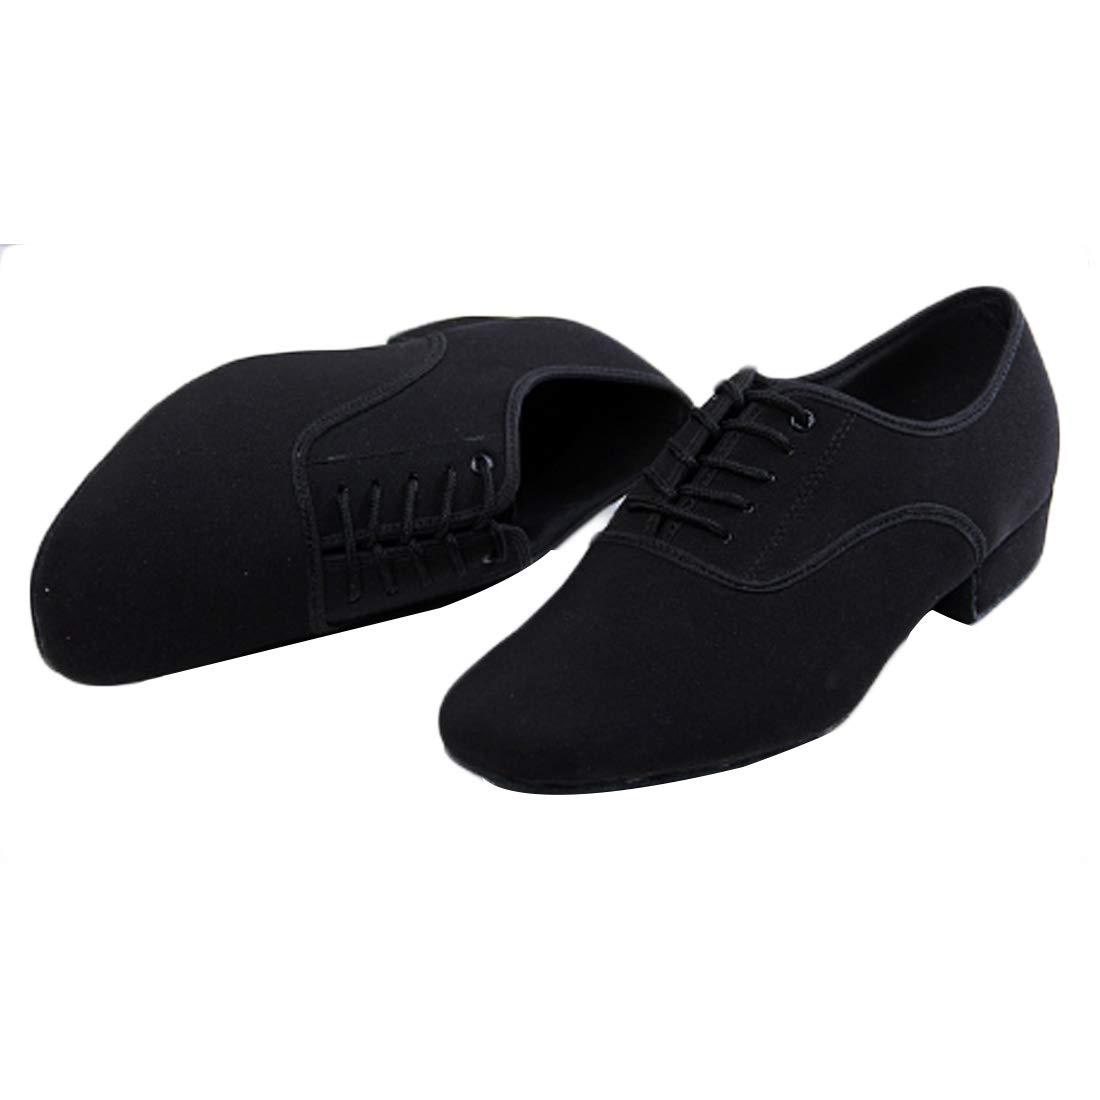 Huicai Hombres Sal/ón de Baile Danza Moderno Danza Zapatos Adulto Tacon bajo Casual Zapatos